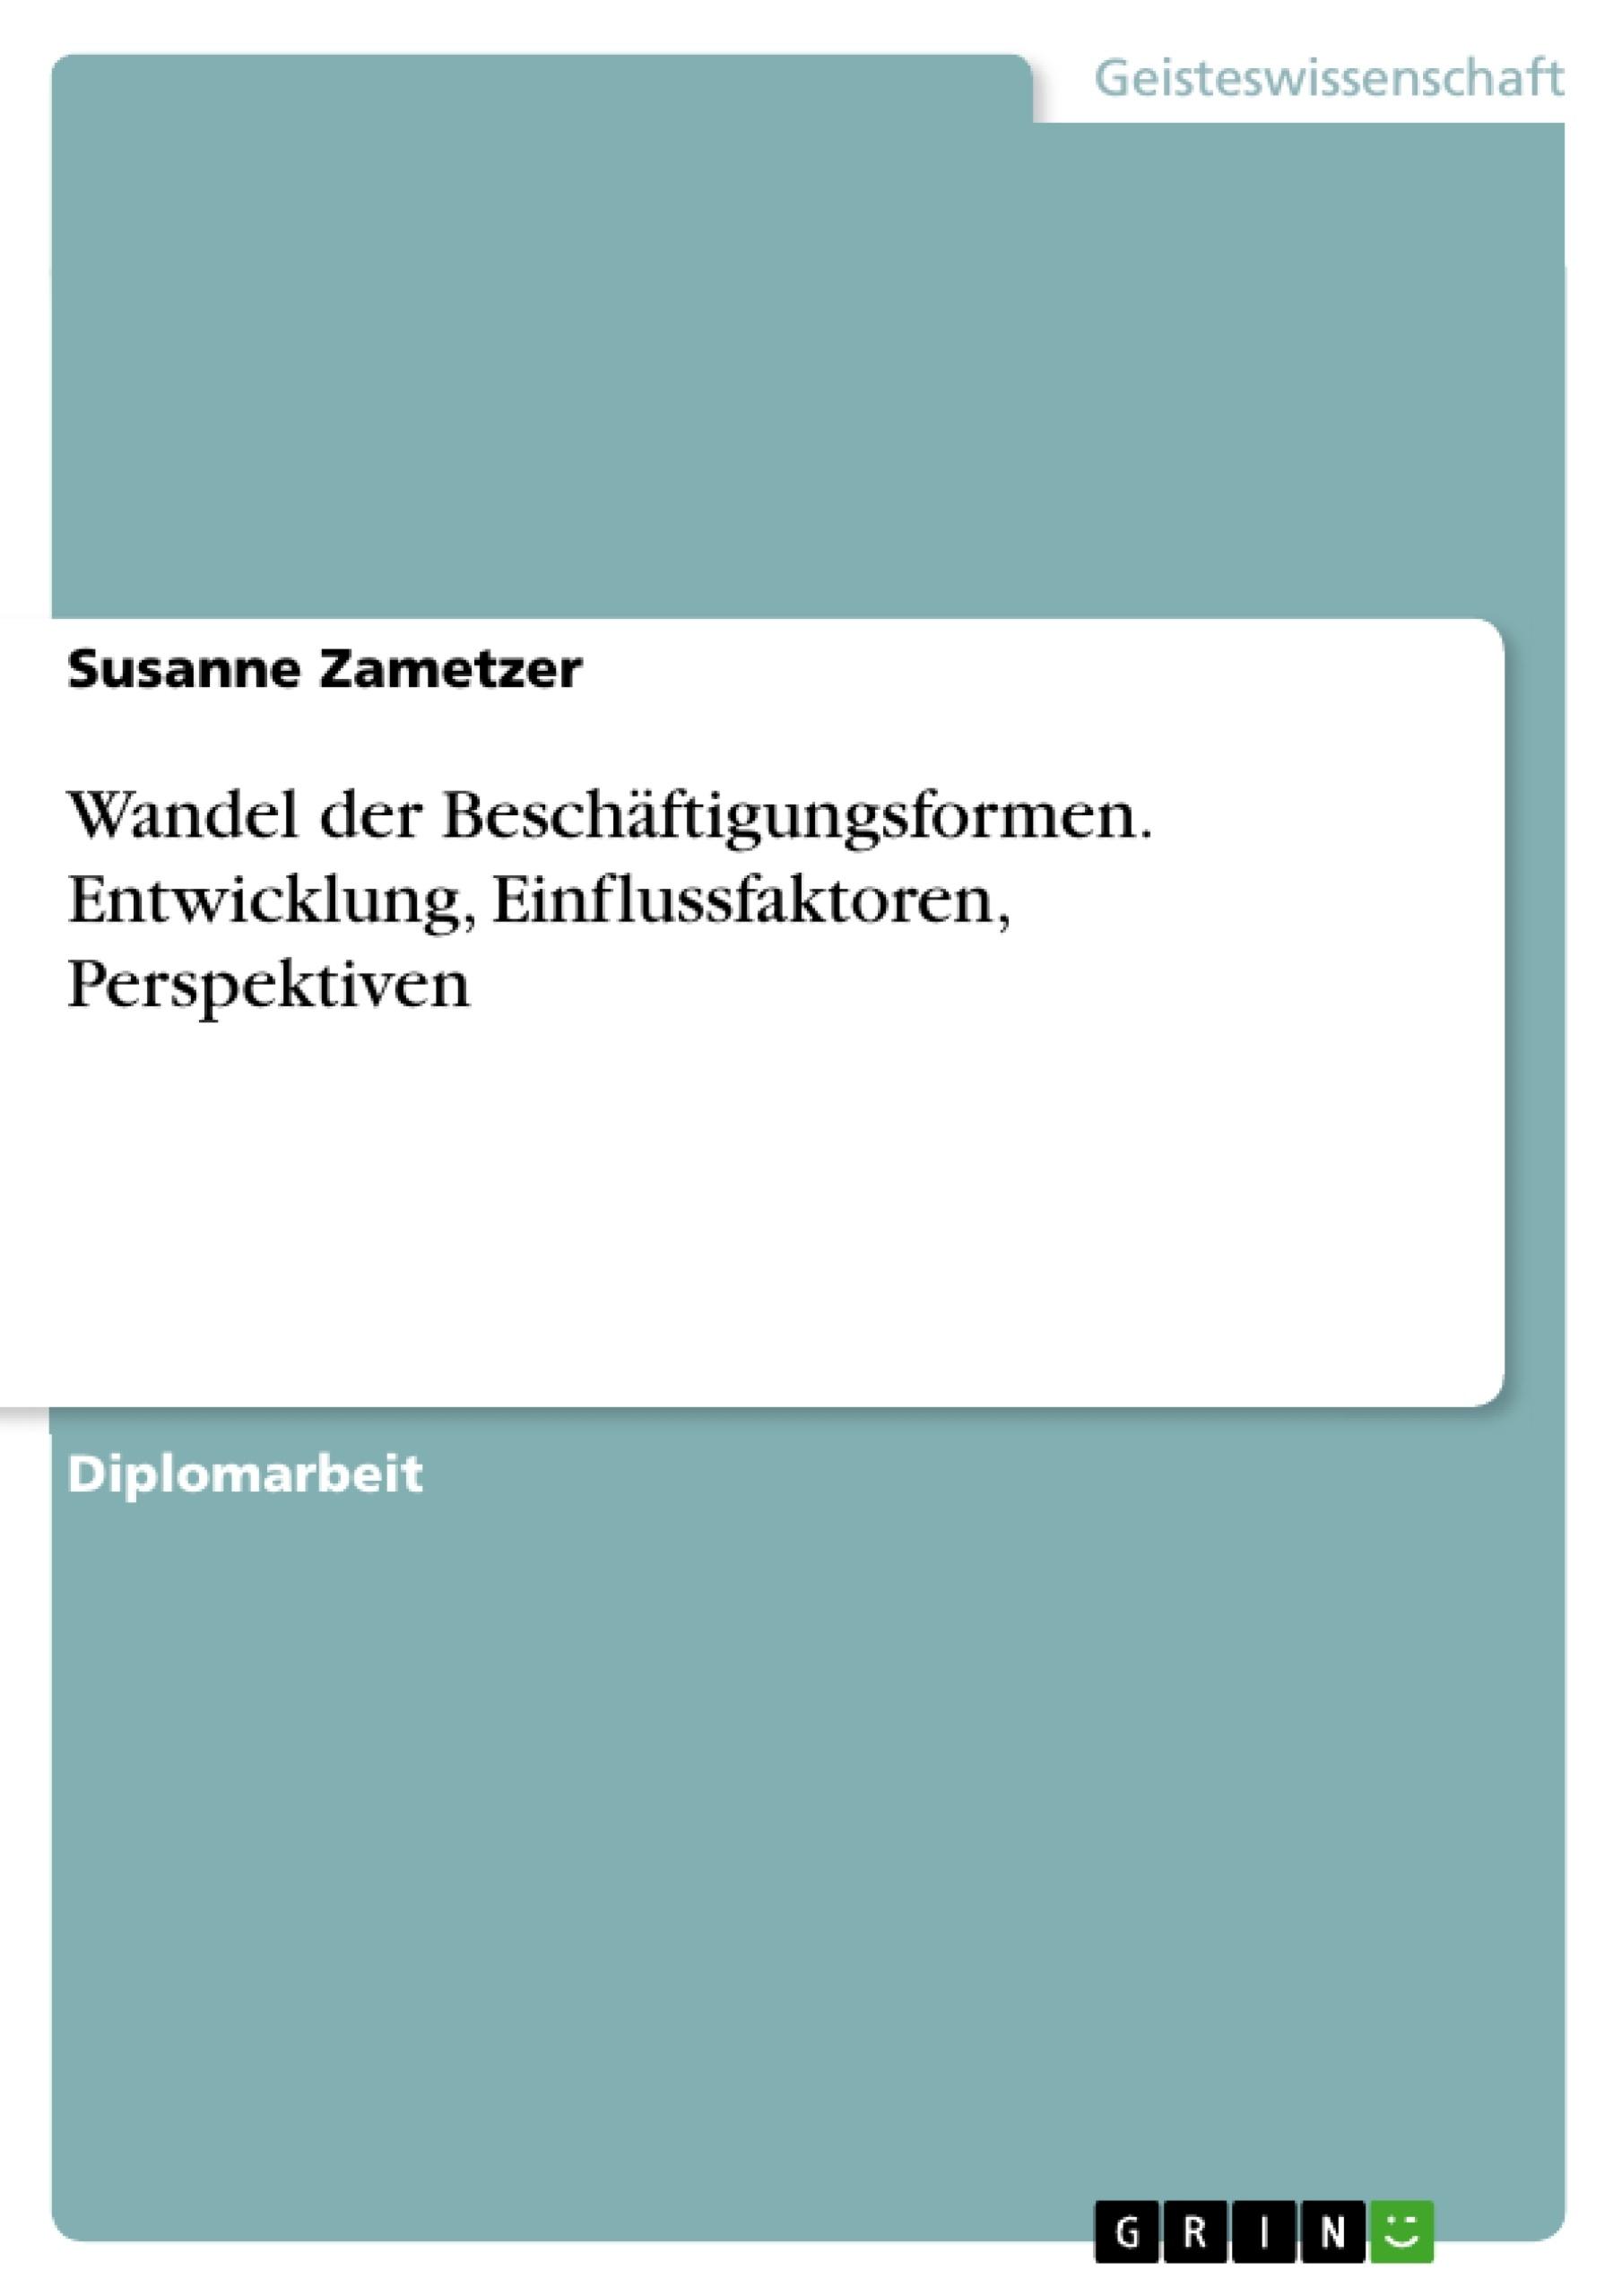 Titel: Wandel der Beschäftigungsformen. Entwicklung, Einflussfaktoren, Perspektiven